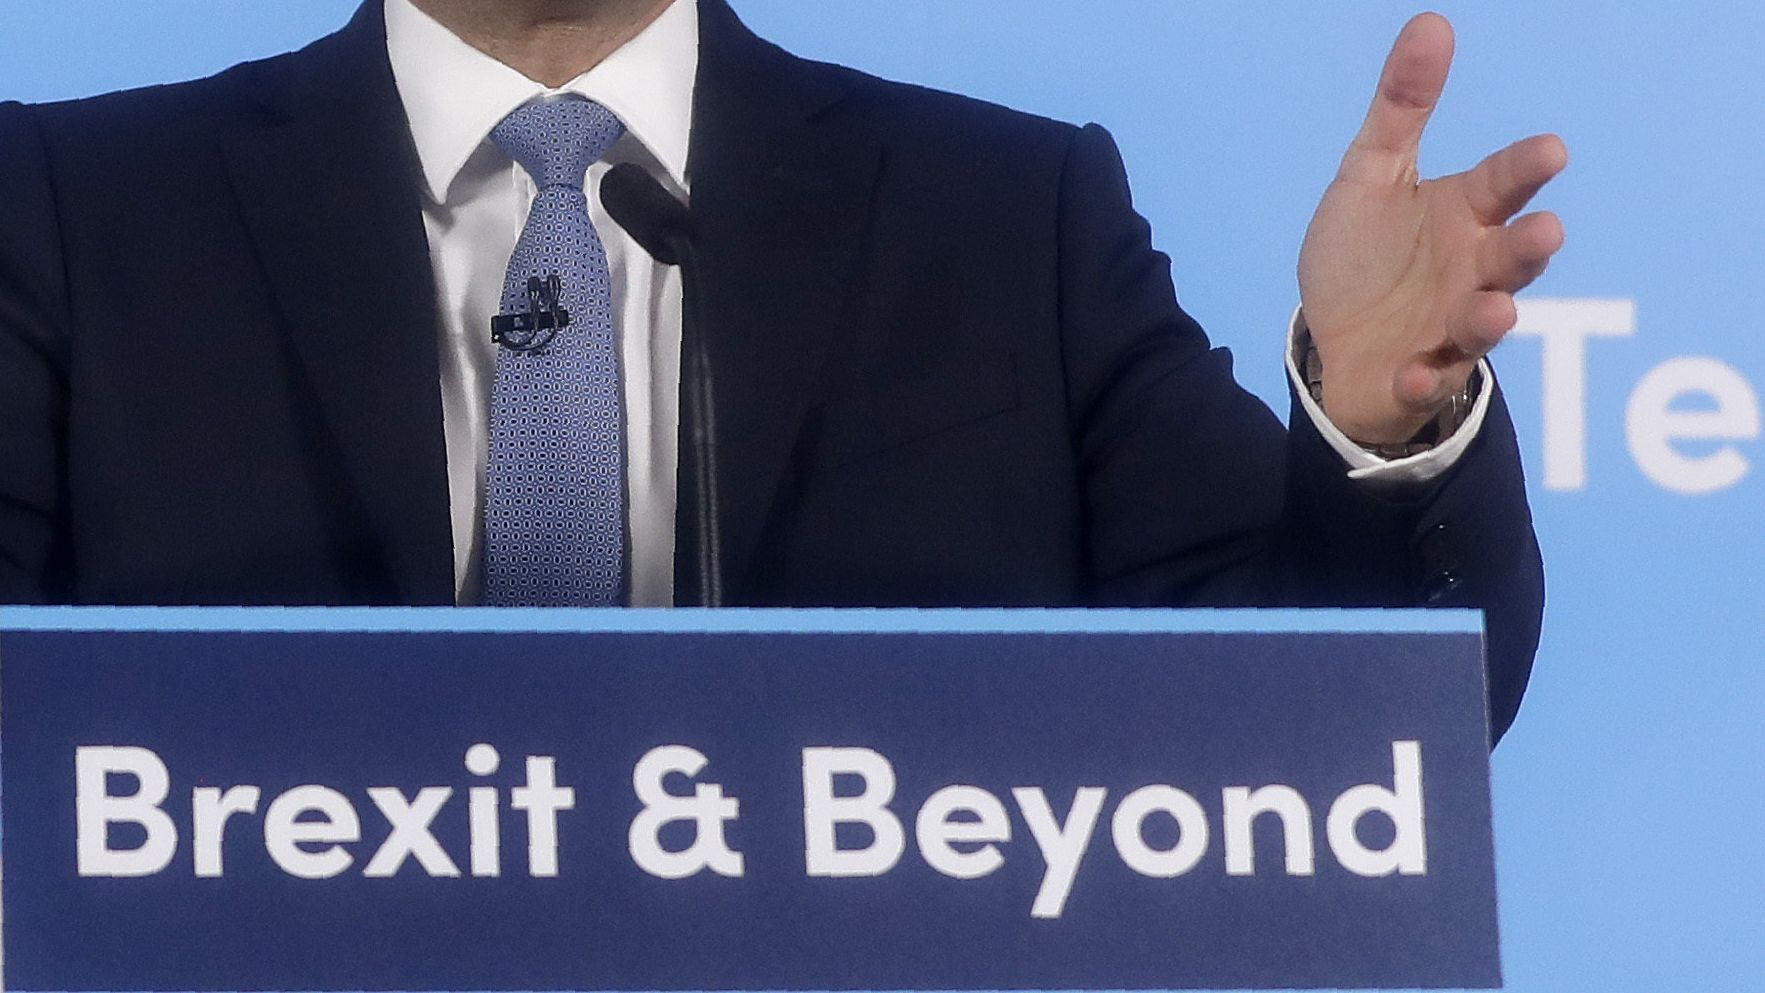 Einer der Nachfolgekandidaten hat das Motto Brexit & Beyond